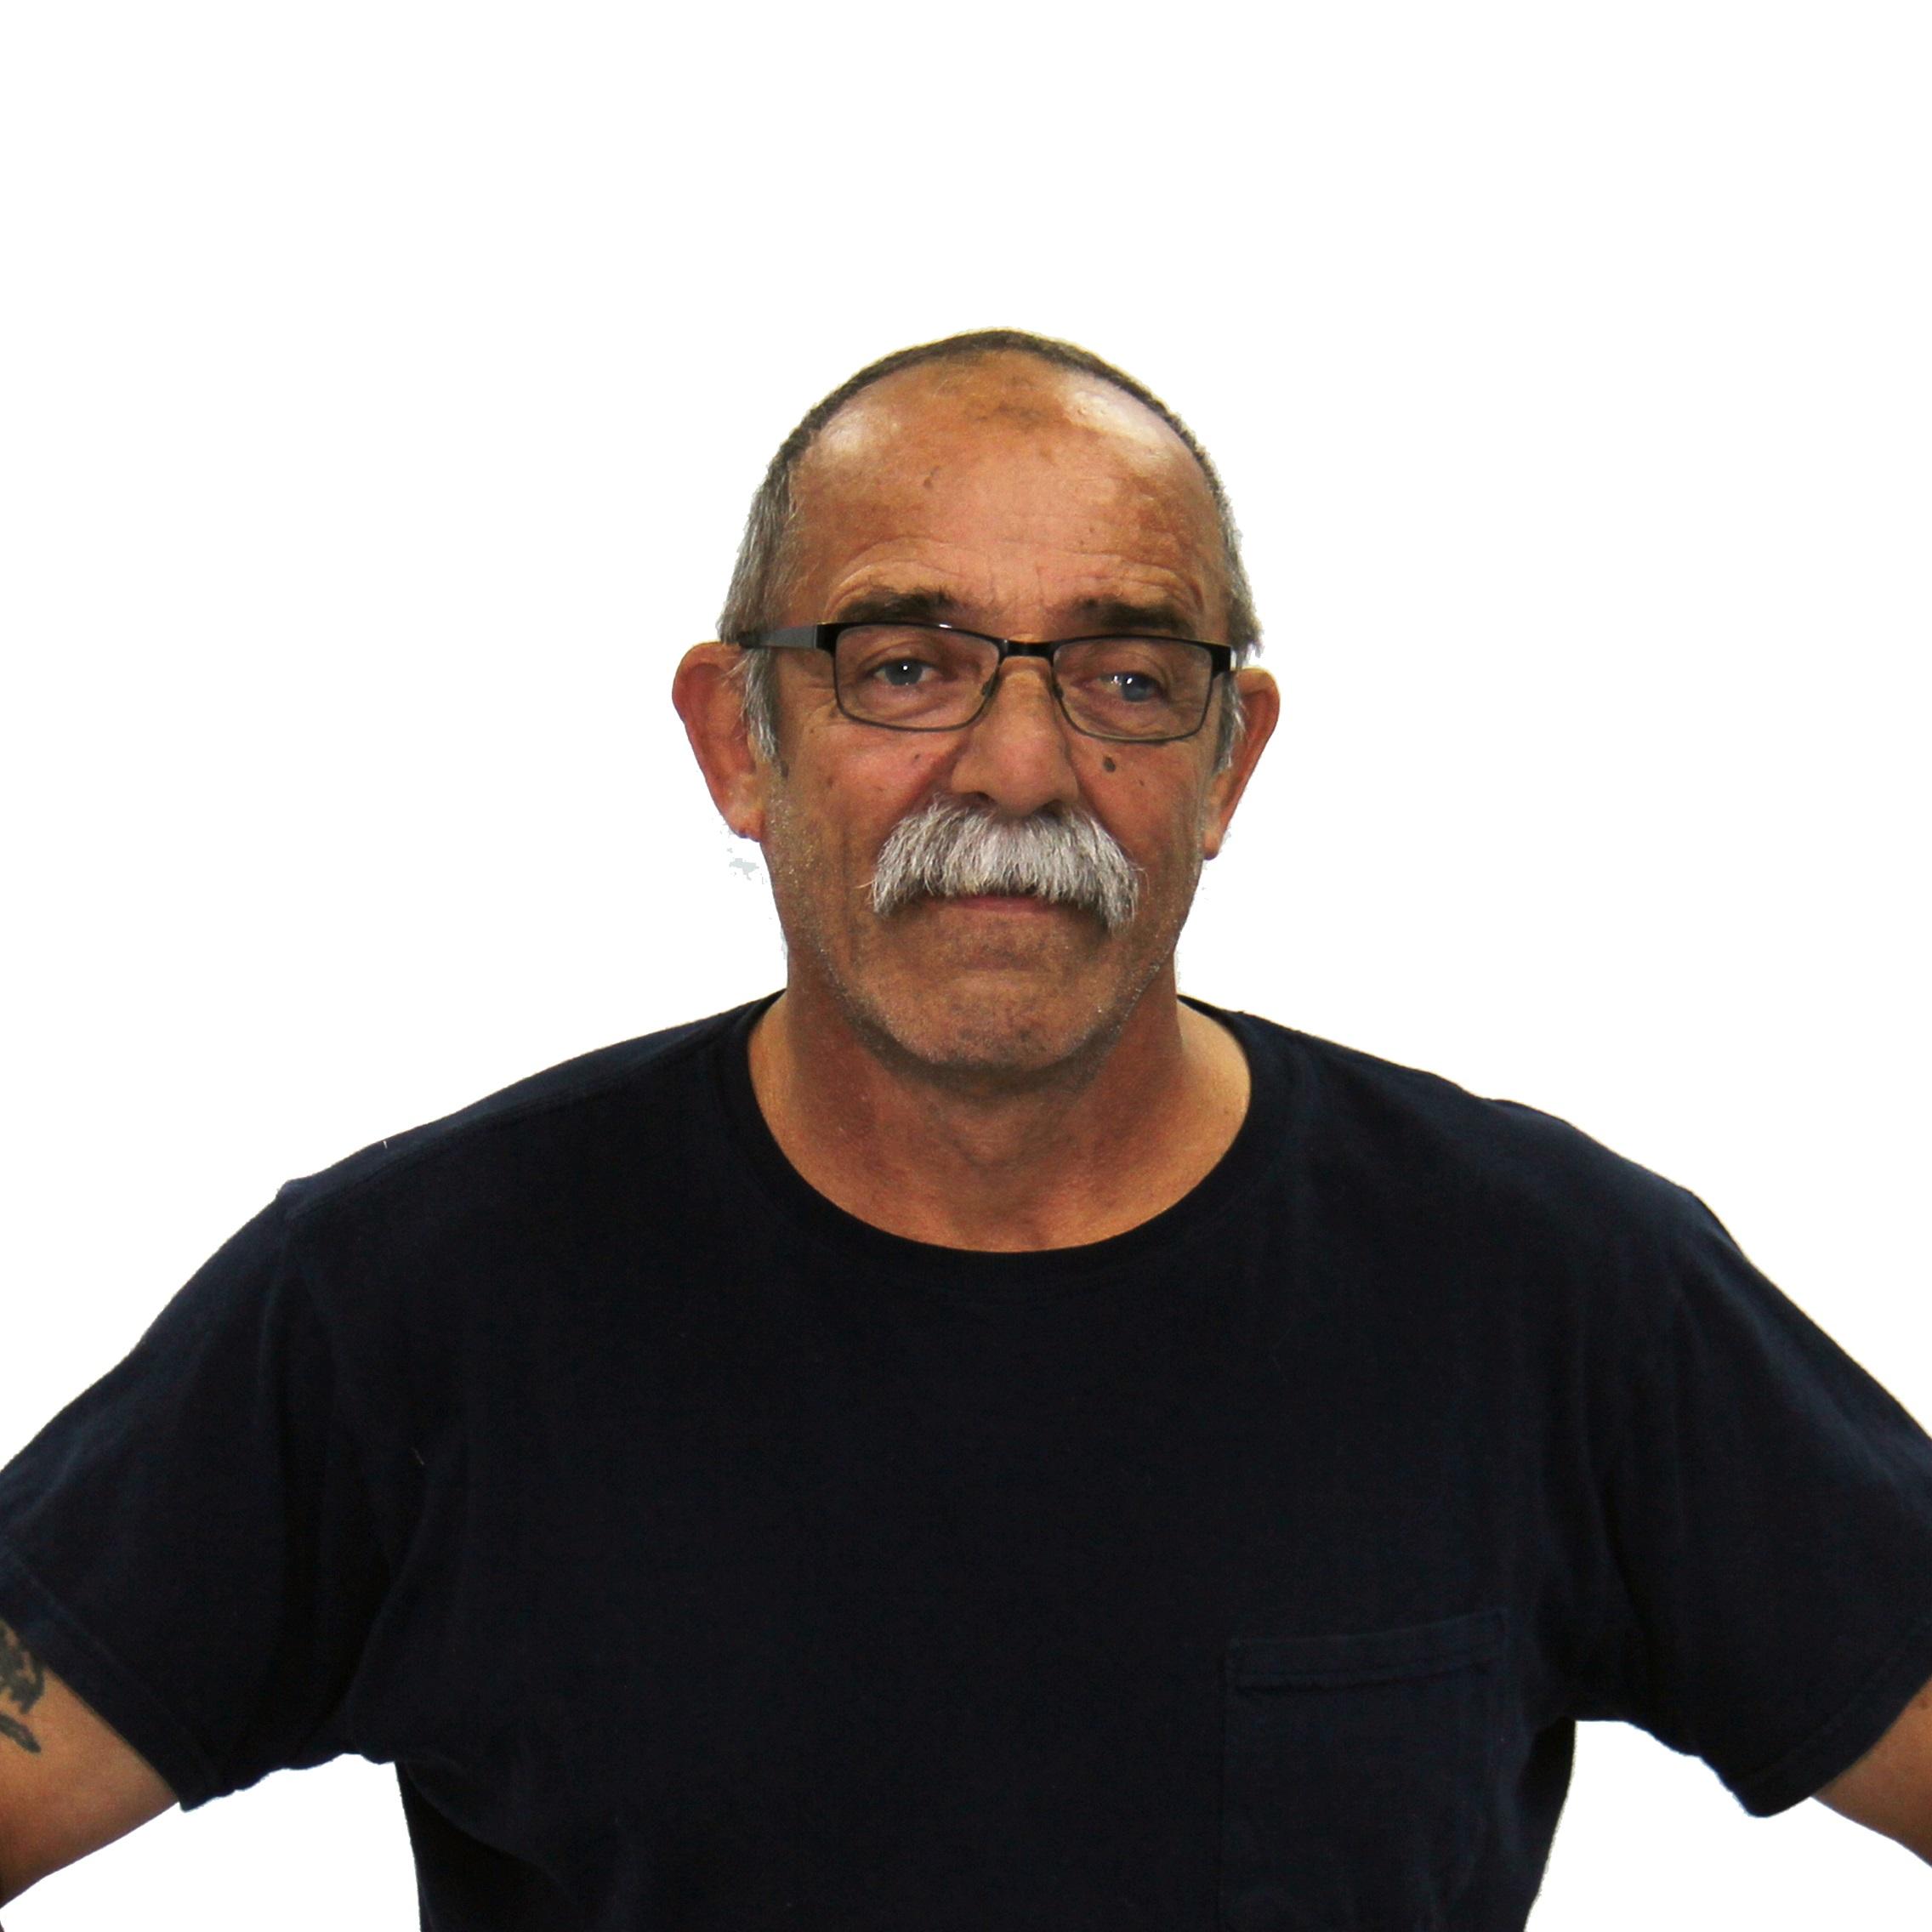 Ricky Arseneau